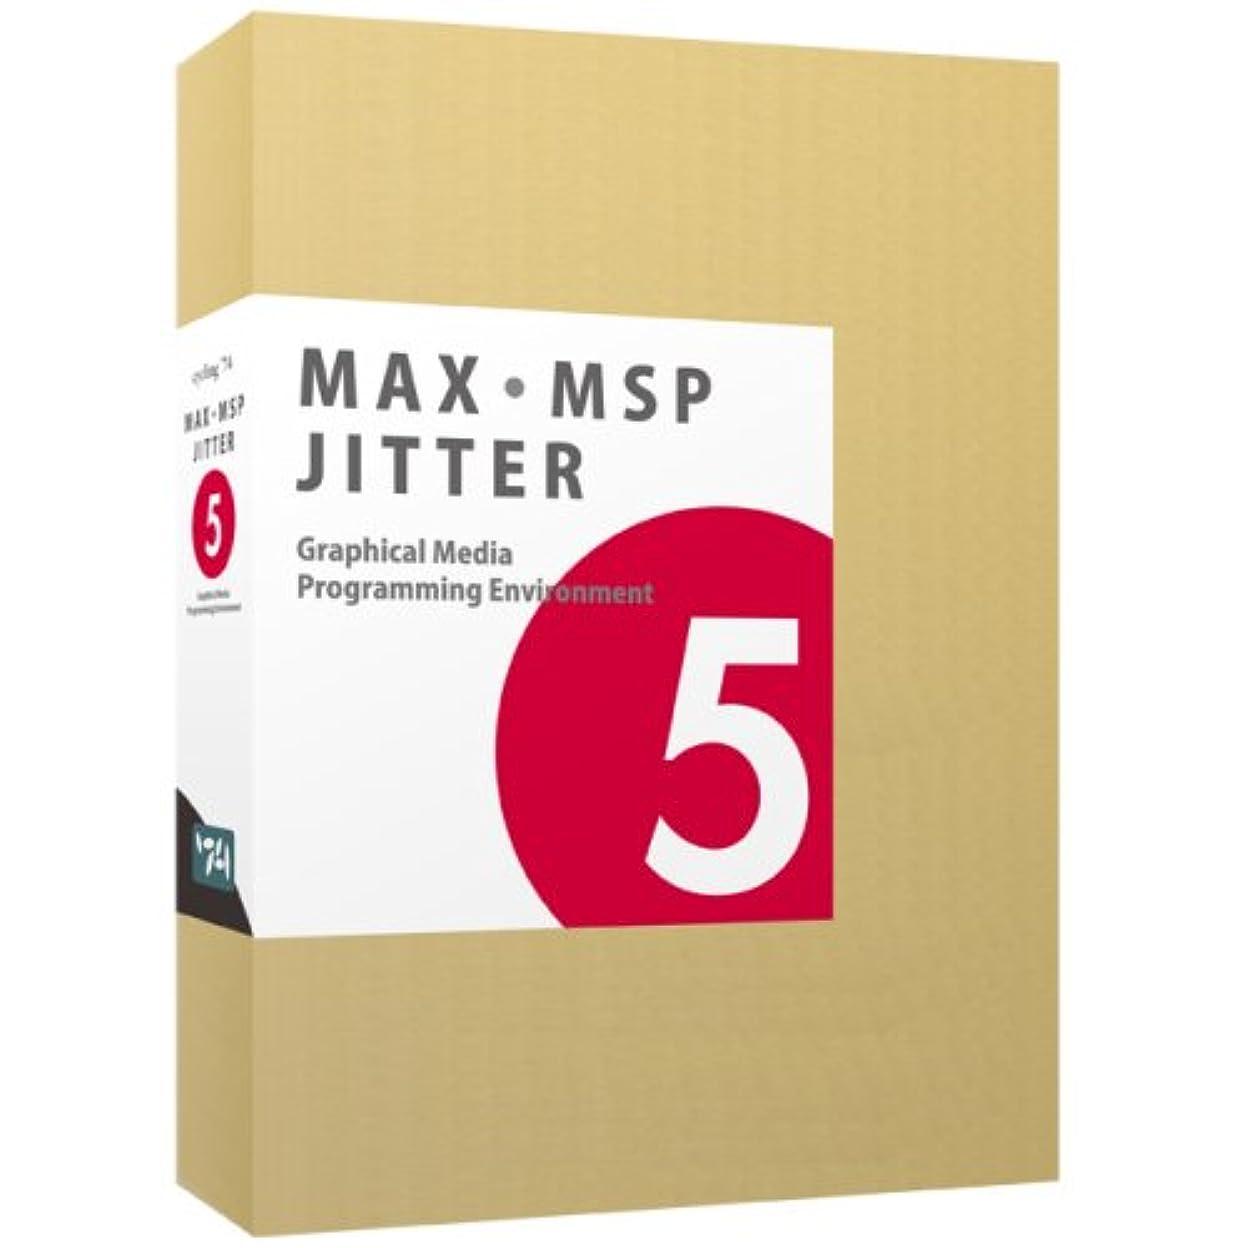 札入れスロー計画的Max/MSP 5 + Jitter 日本語版